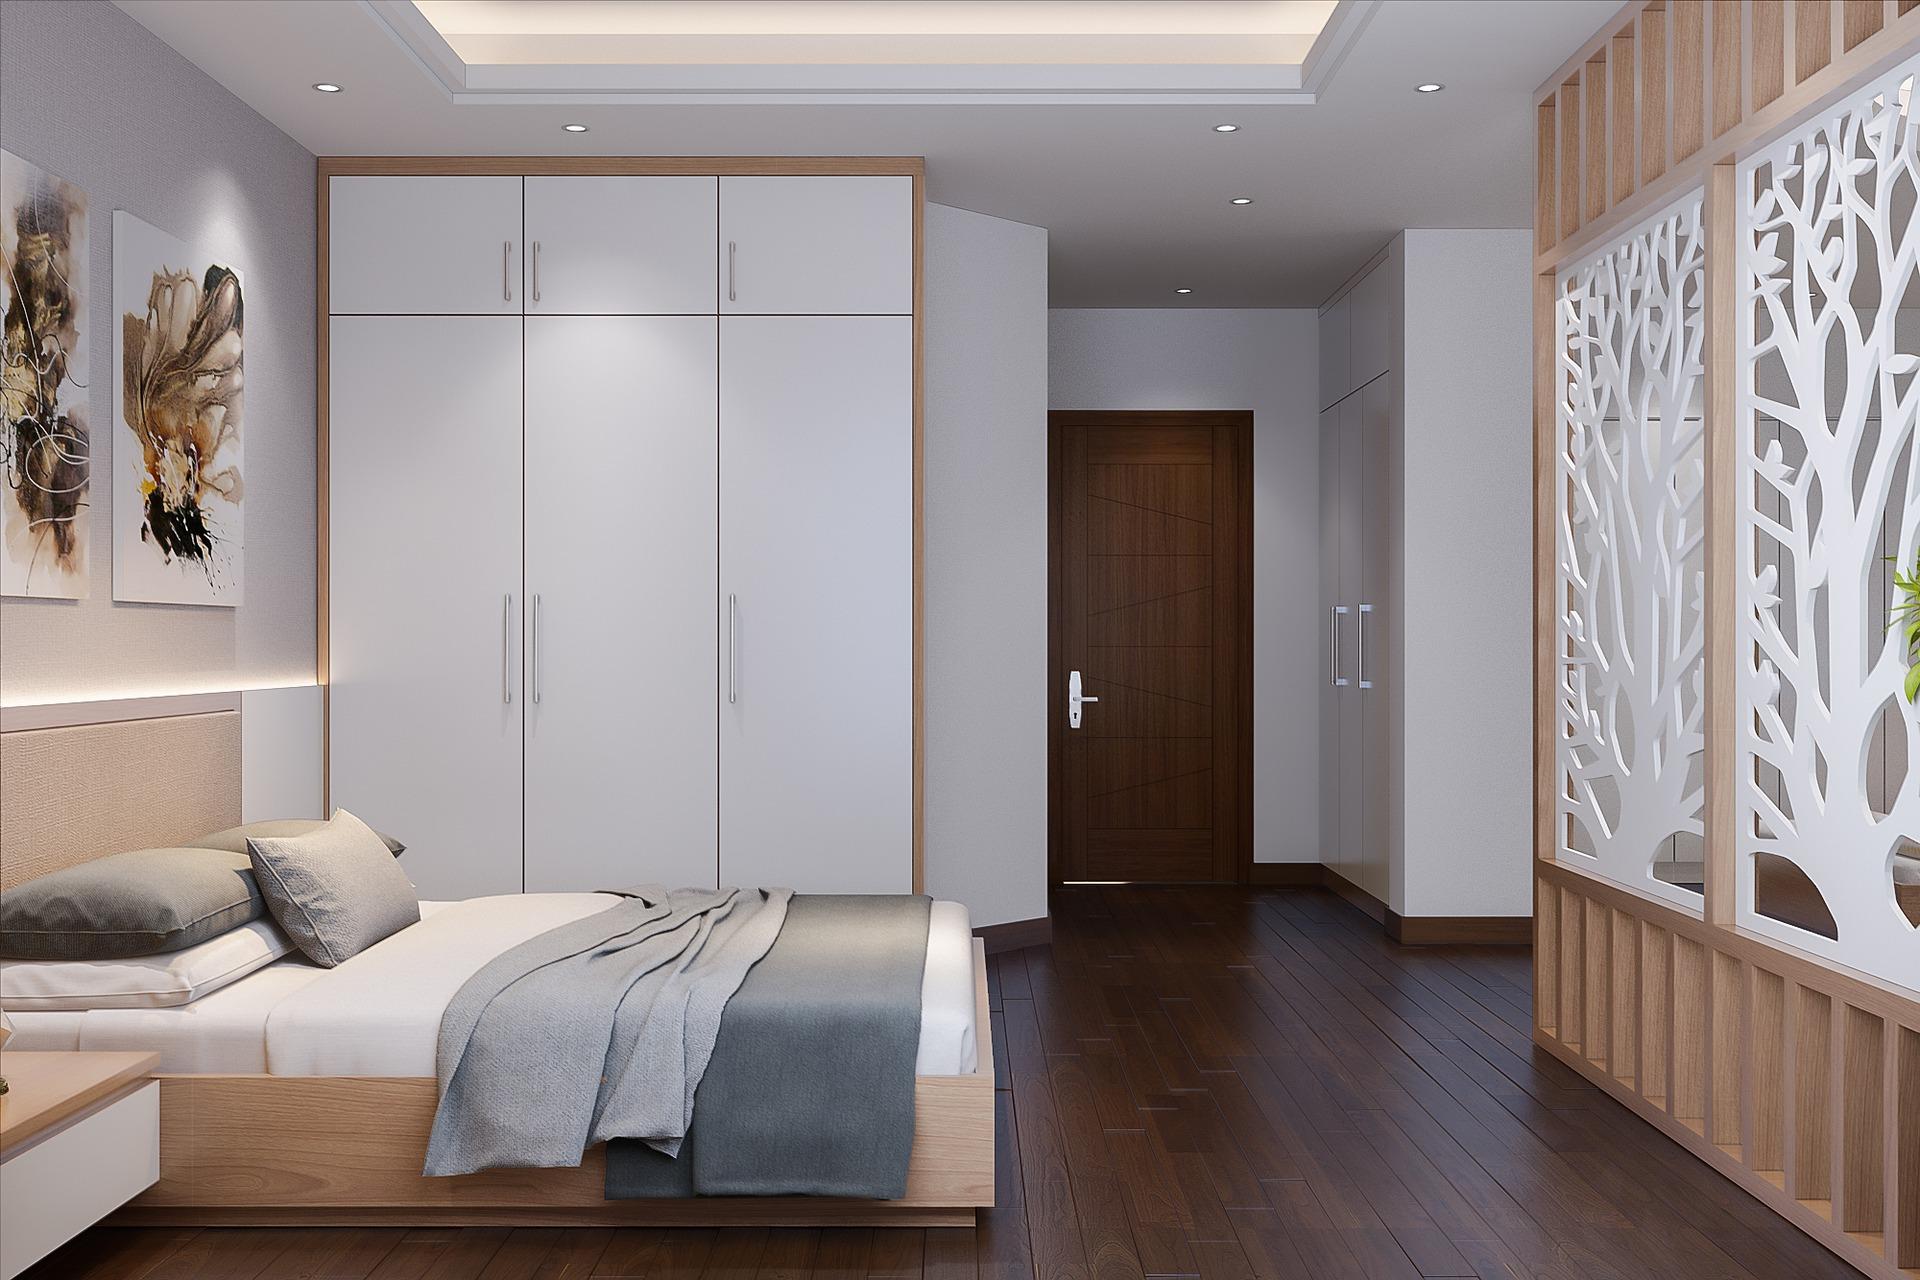 dasMassmöbel-Schlafzimmer-hell-Kleiderschrank-2